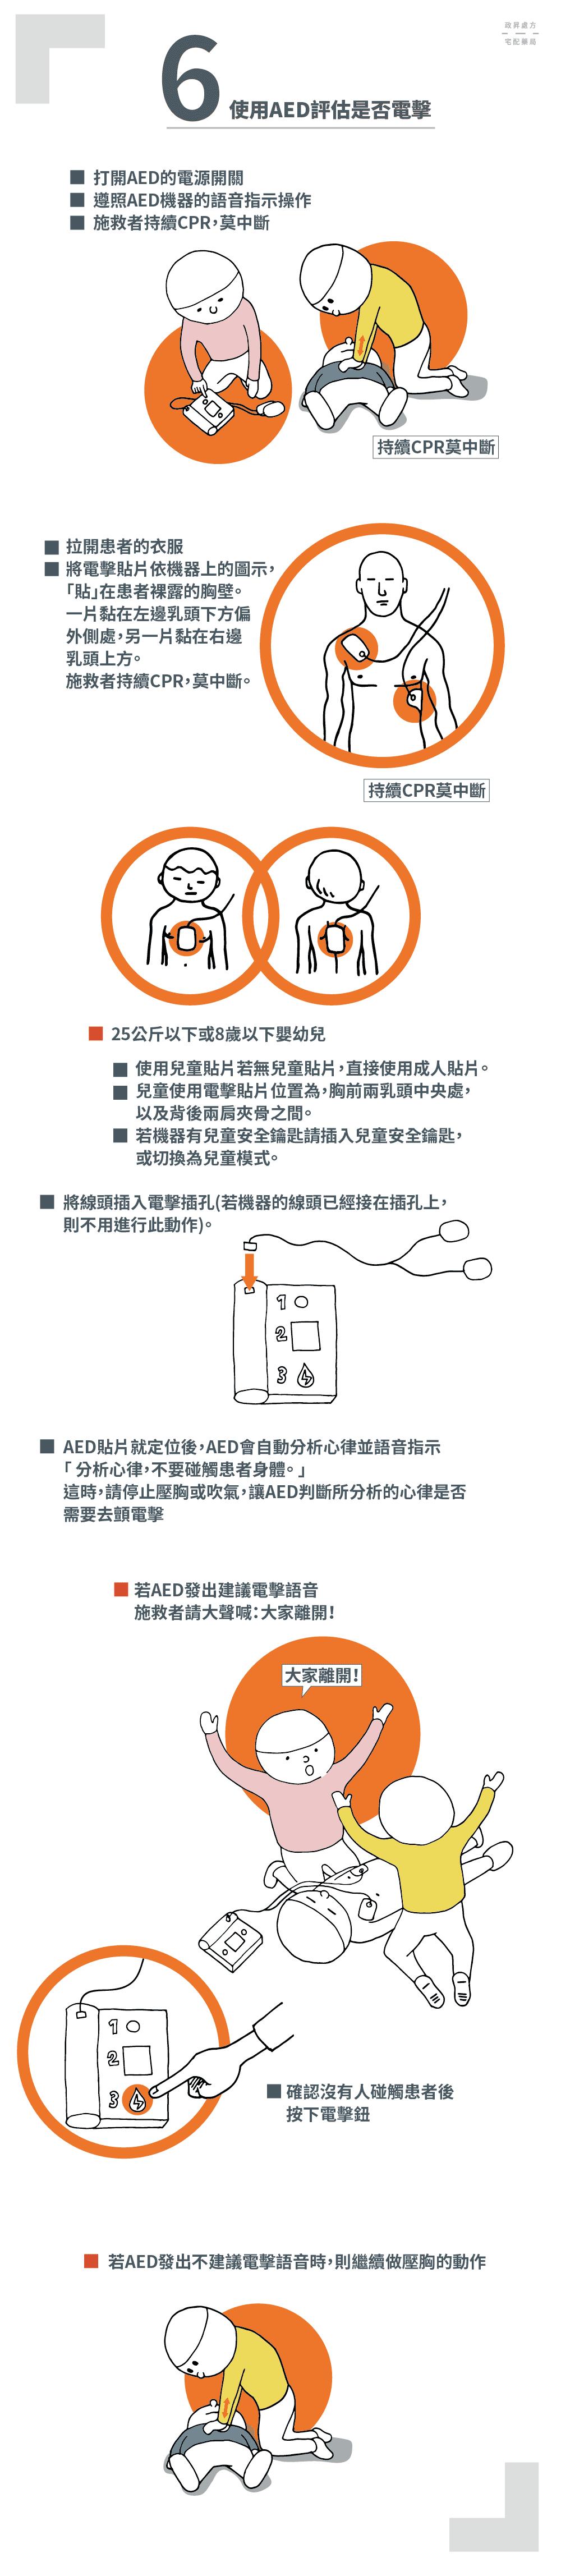 AED的貼片、插線與執行姿勢示意